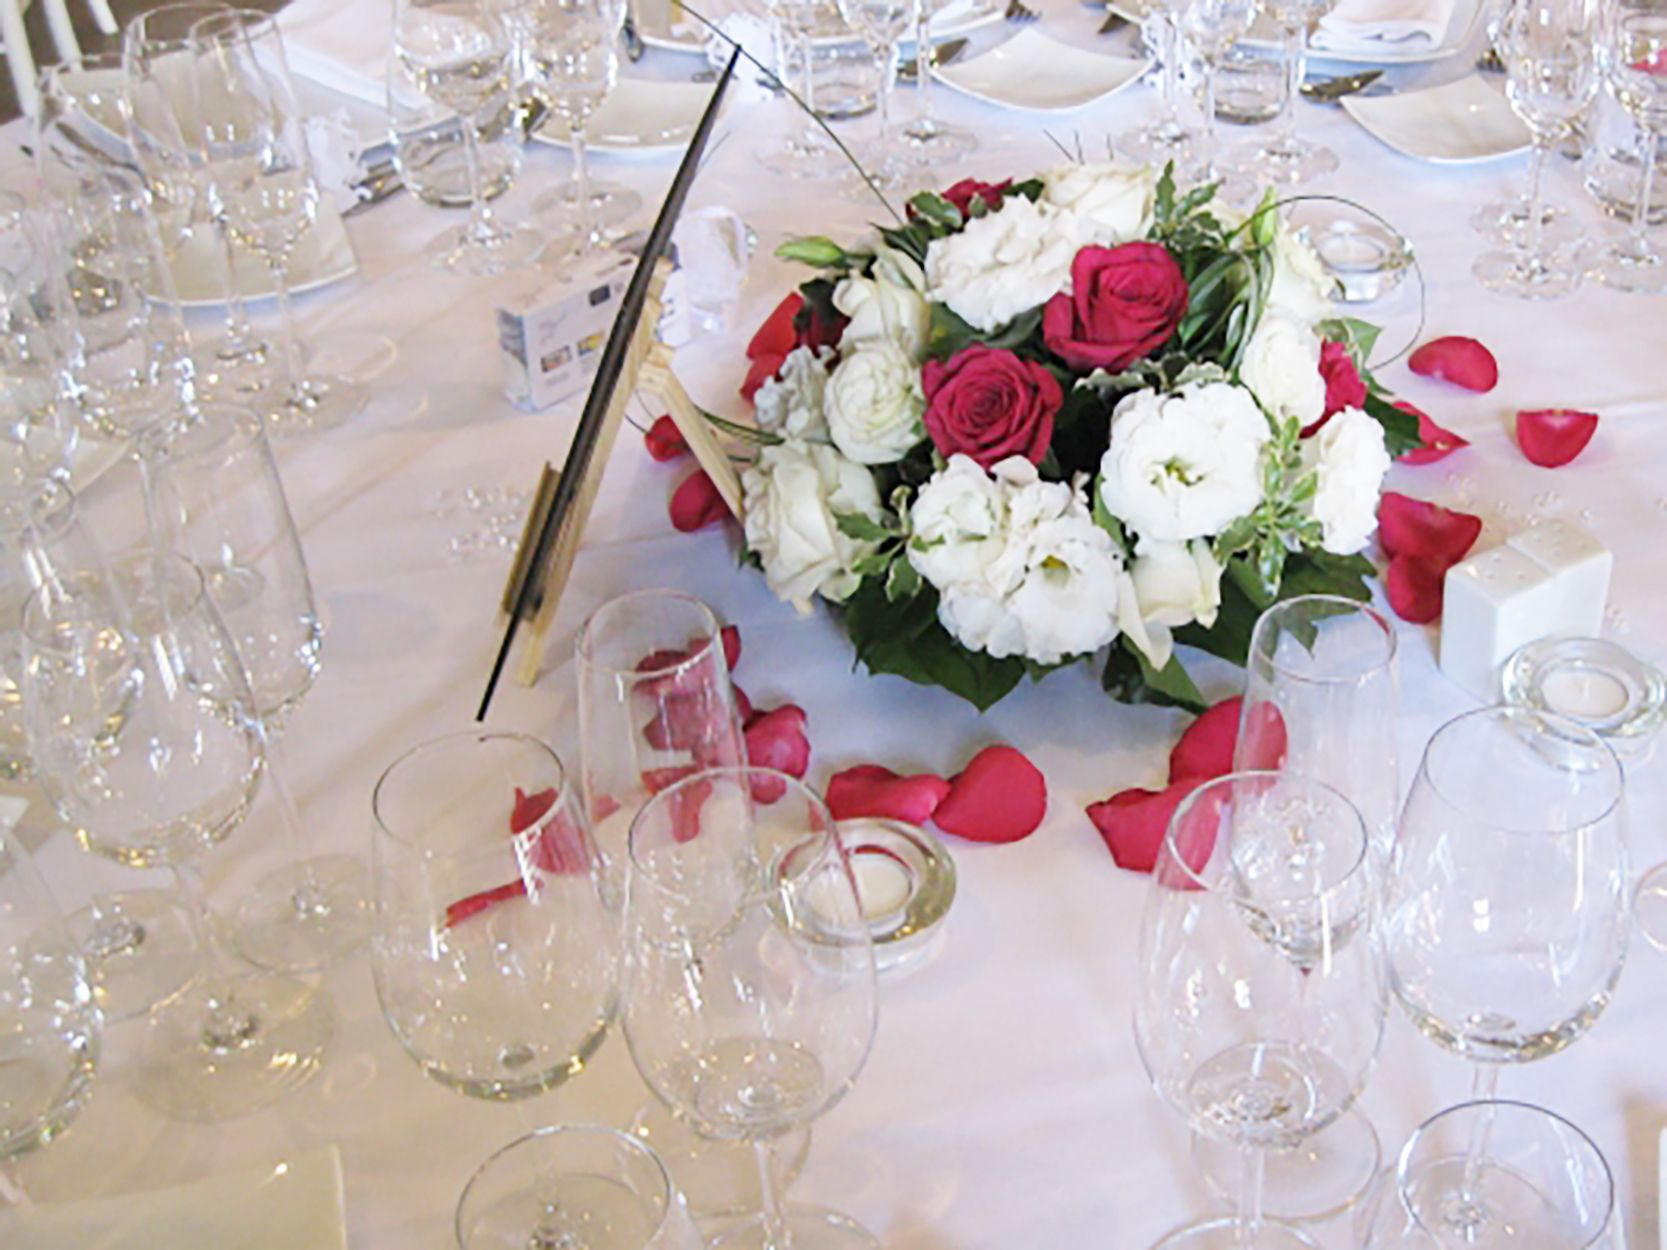 centre de table mariage rose et blanc d coration florale mariage pinterest centre de table. Black Bedroom Furniture Sets. Home Design Ideas